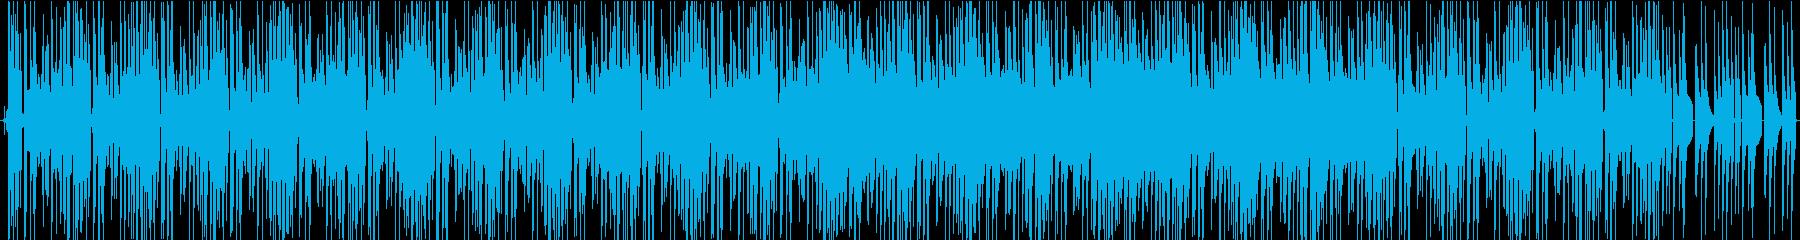 横ノリな不思議ちゃん曲の再生済みの波形